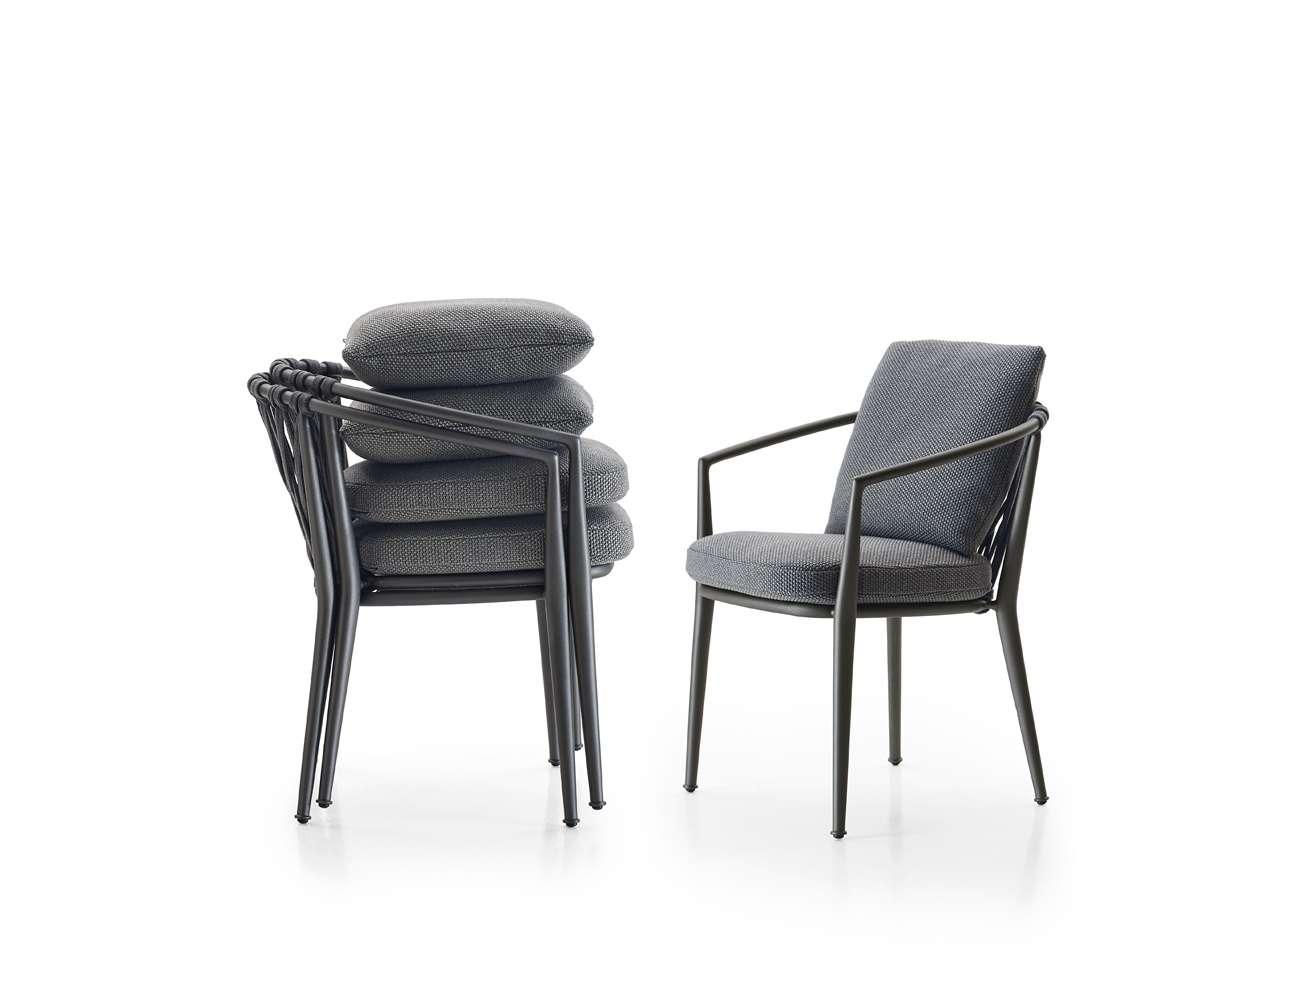 MG-Z08桌椅北欧户外桌椅藤编阳台桌椅藤椅别墅庭院花园家具室外院子休闲餐桌